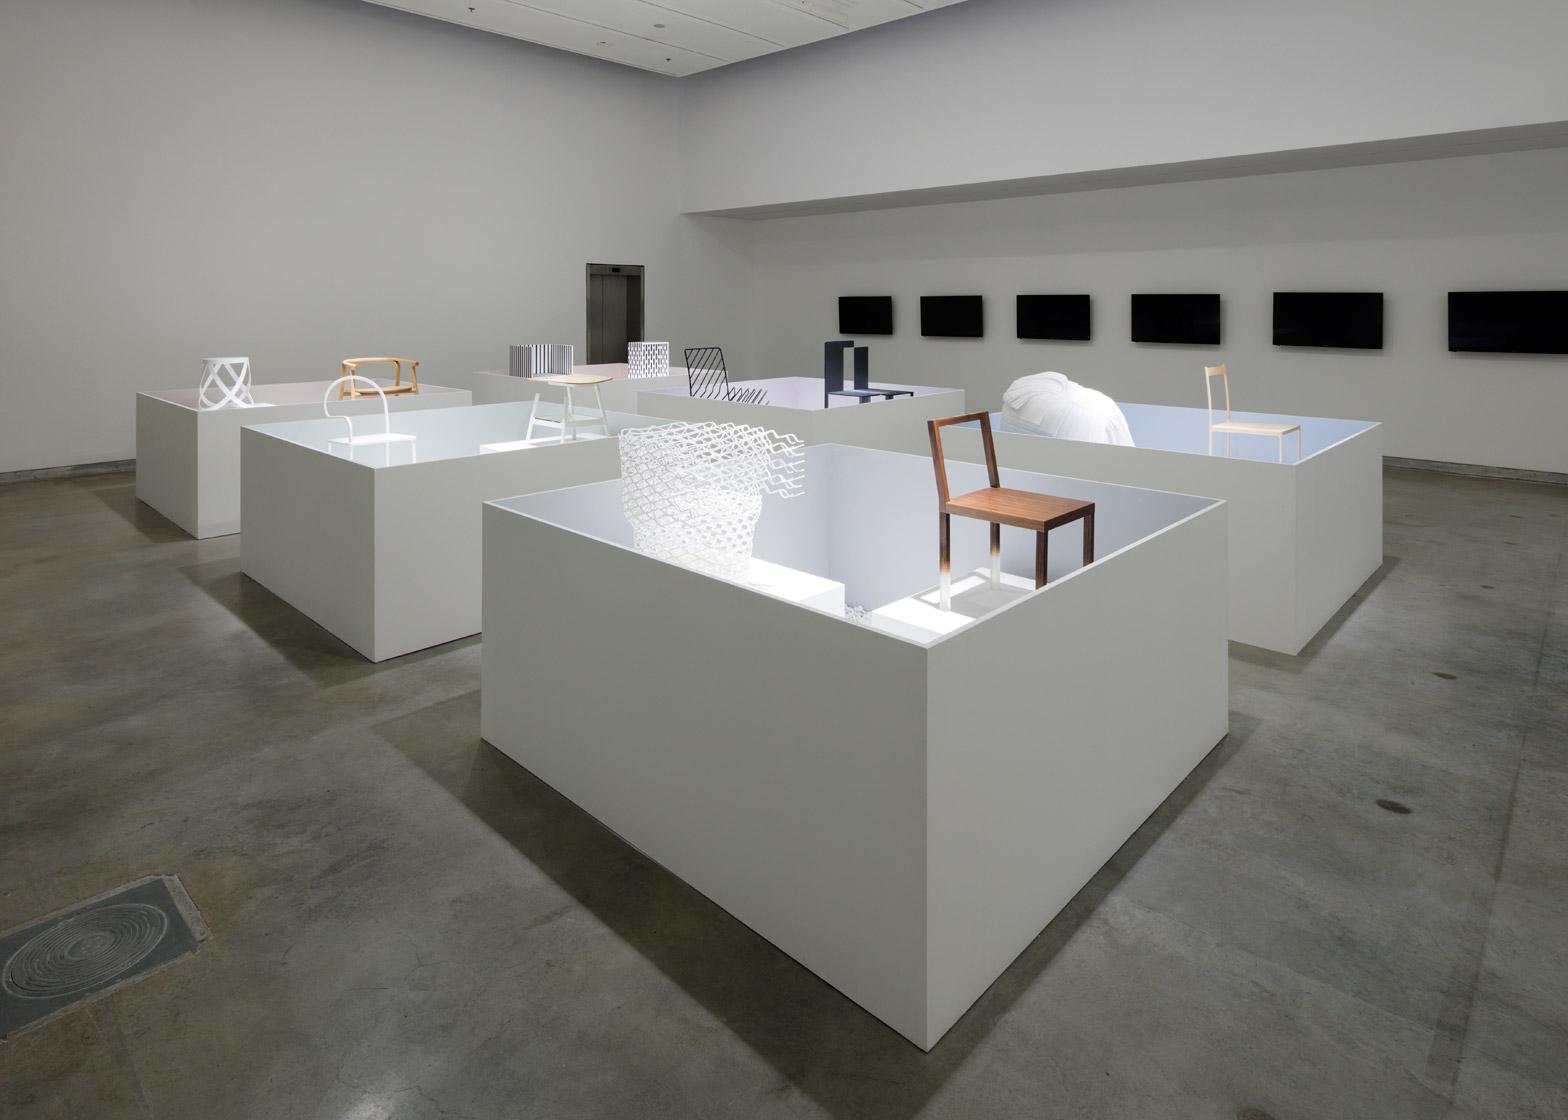 Уникальная выставка мебели в белом цвете - Фото 7